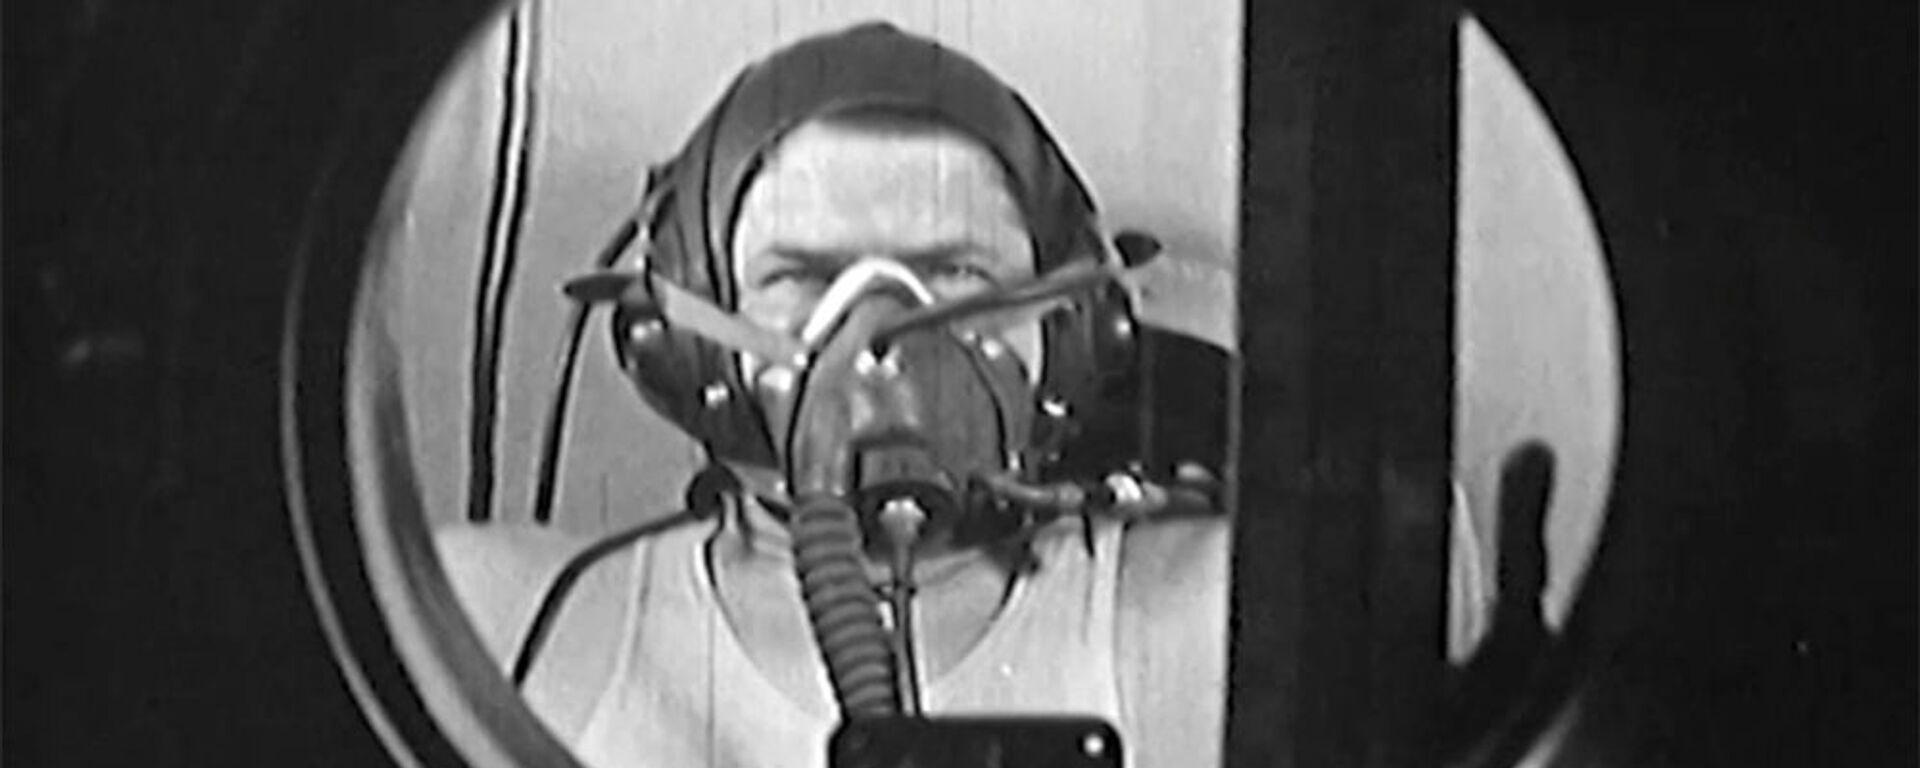 Η επιλογή και η σκληρή εκπαίδευση των κοσμοναυτών για την πρώτη επανδρωμένη πτήση στο διάστημα - Sputnik Ελλάδα, 1920, 08.03.2020